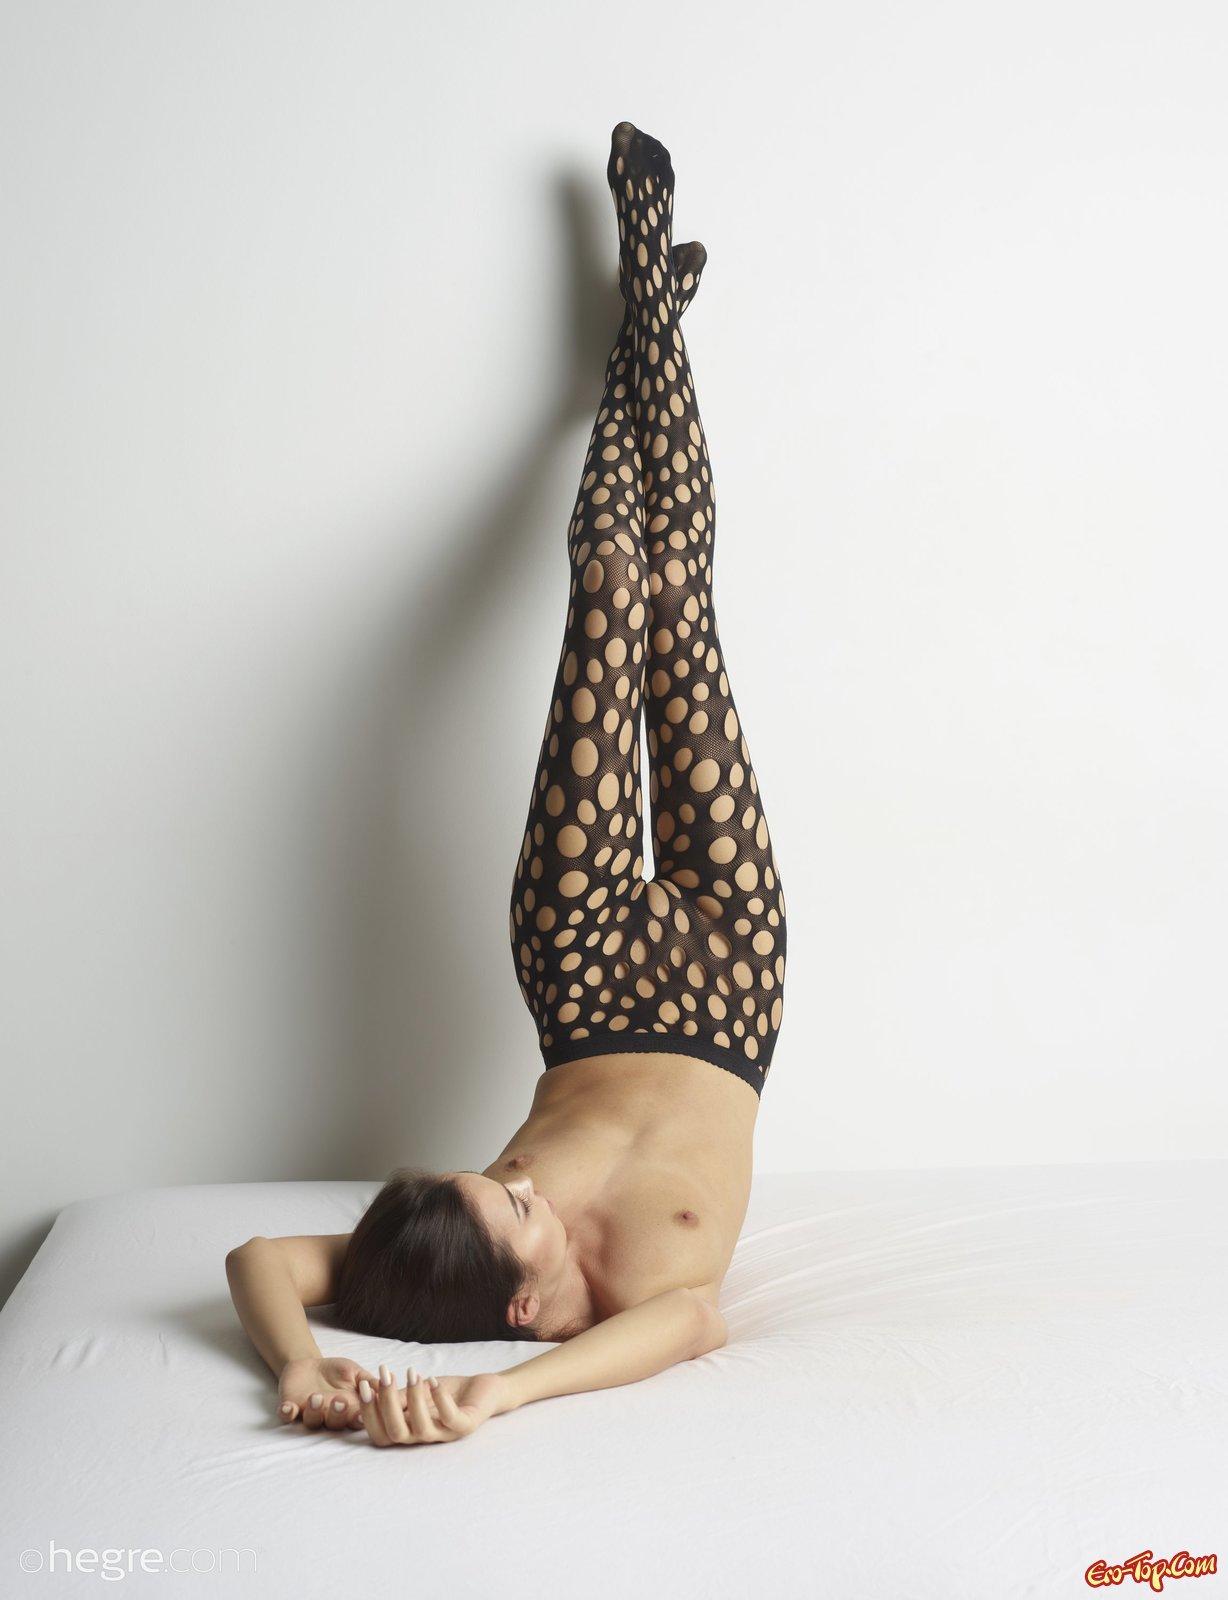 Стройная девушка в колготках позирует на кровати